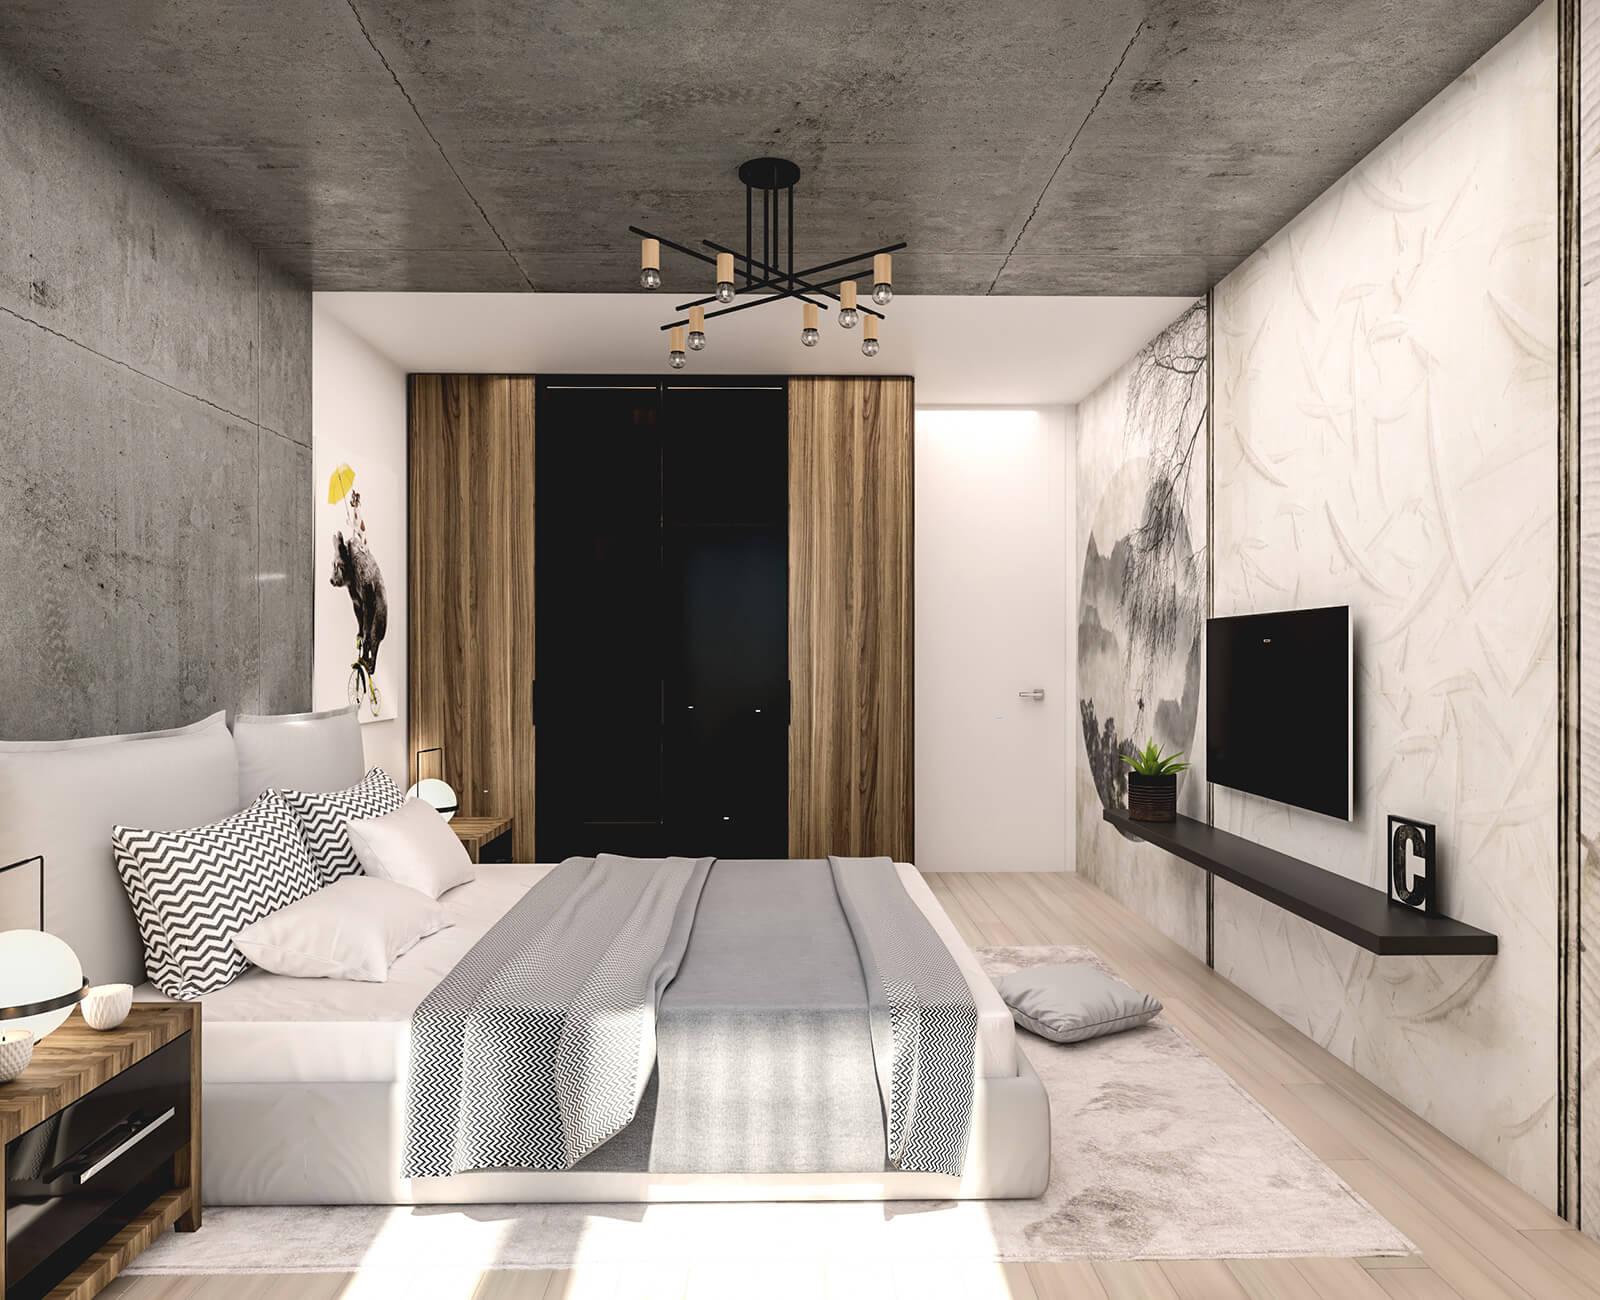 interioren-dizain-proekt-na-roditelska-spalnya (2)